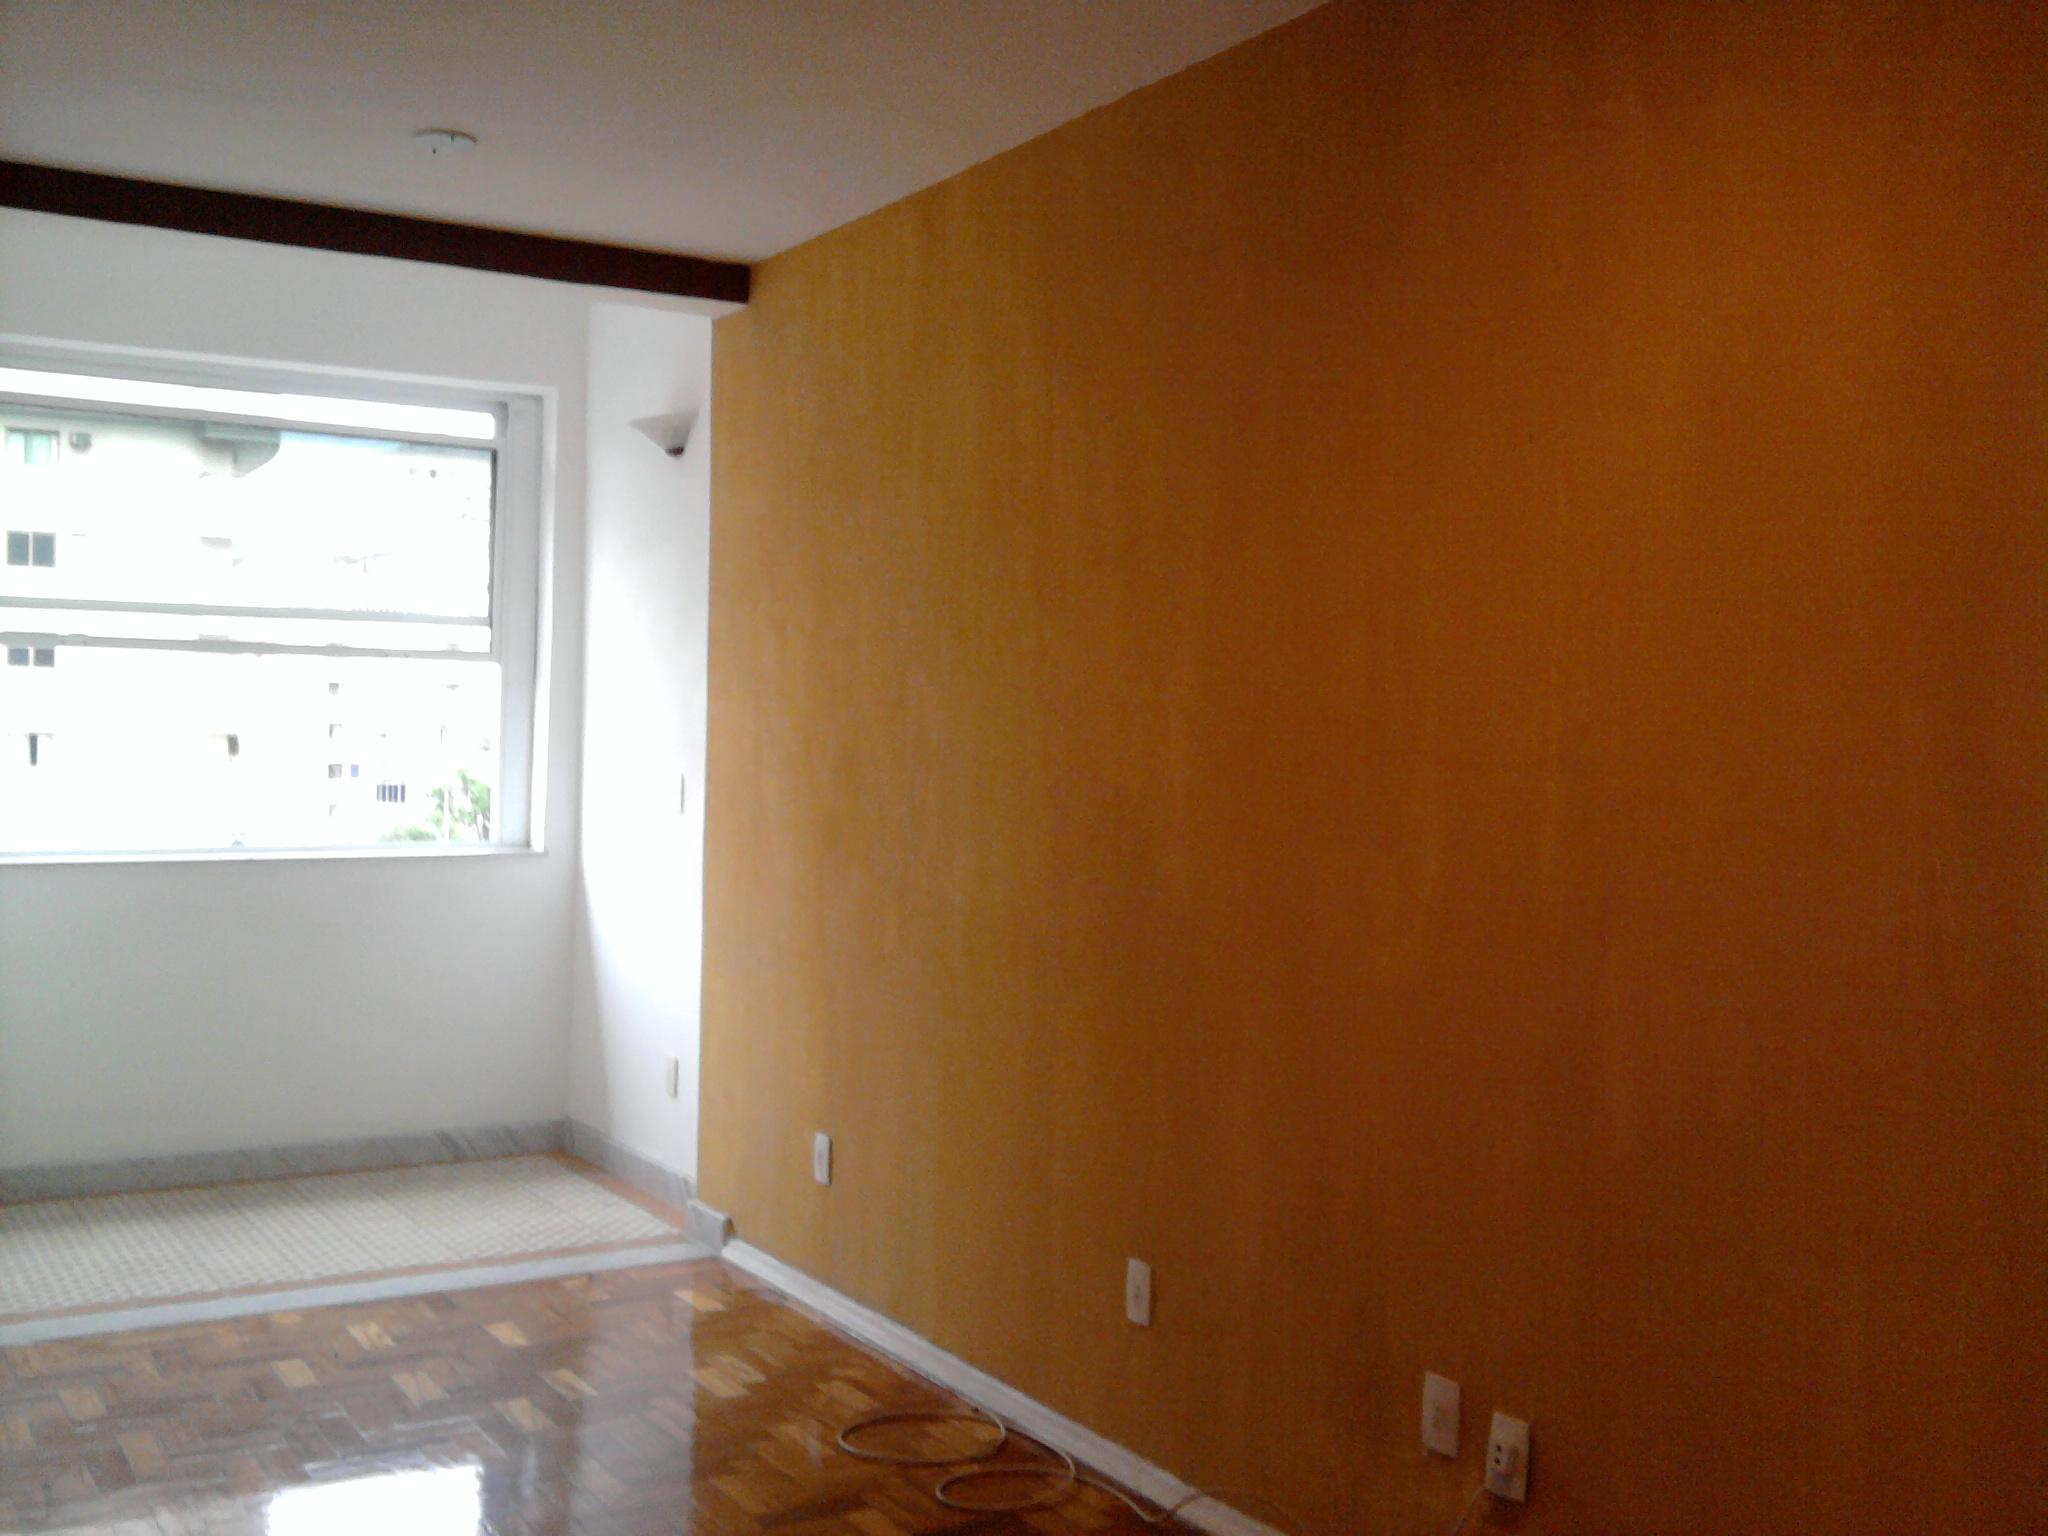 Cozinha feliz apartamento novo - Fotos para paredes ...